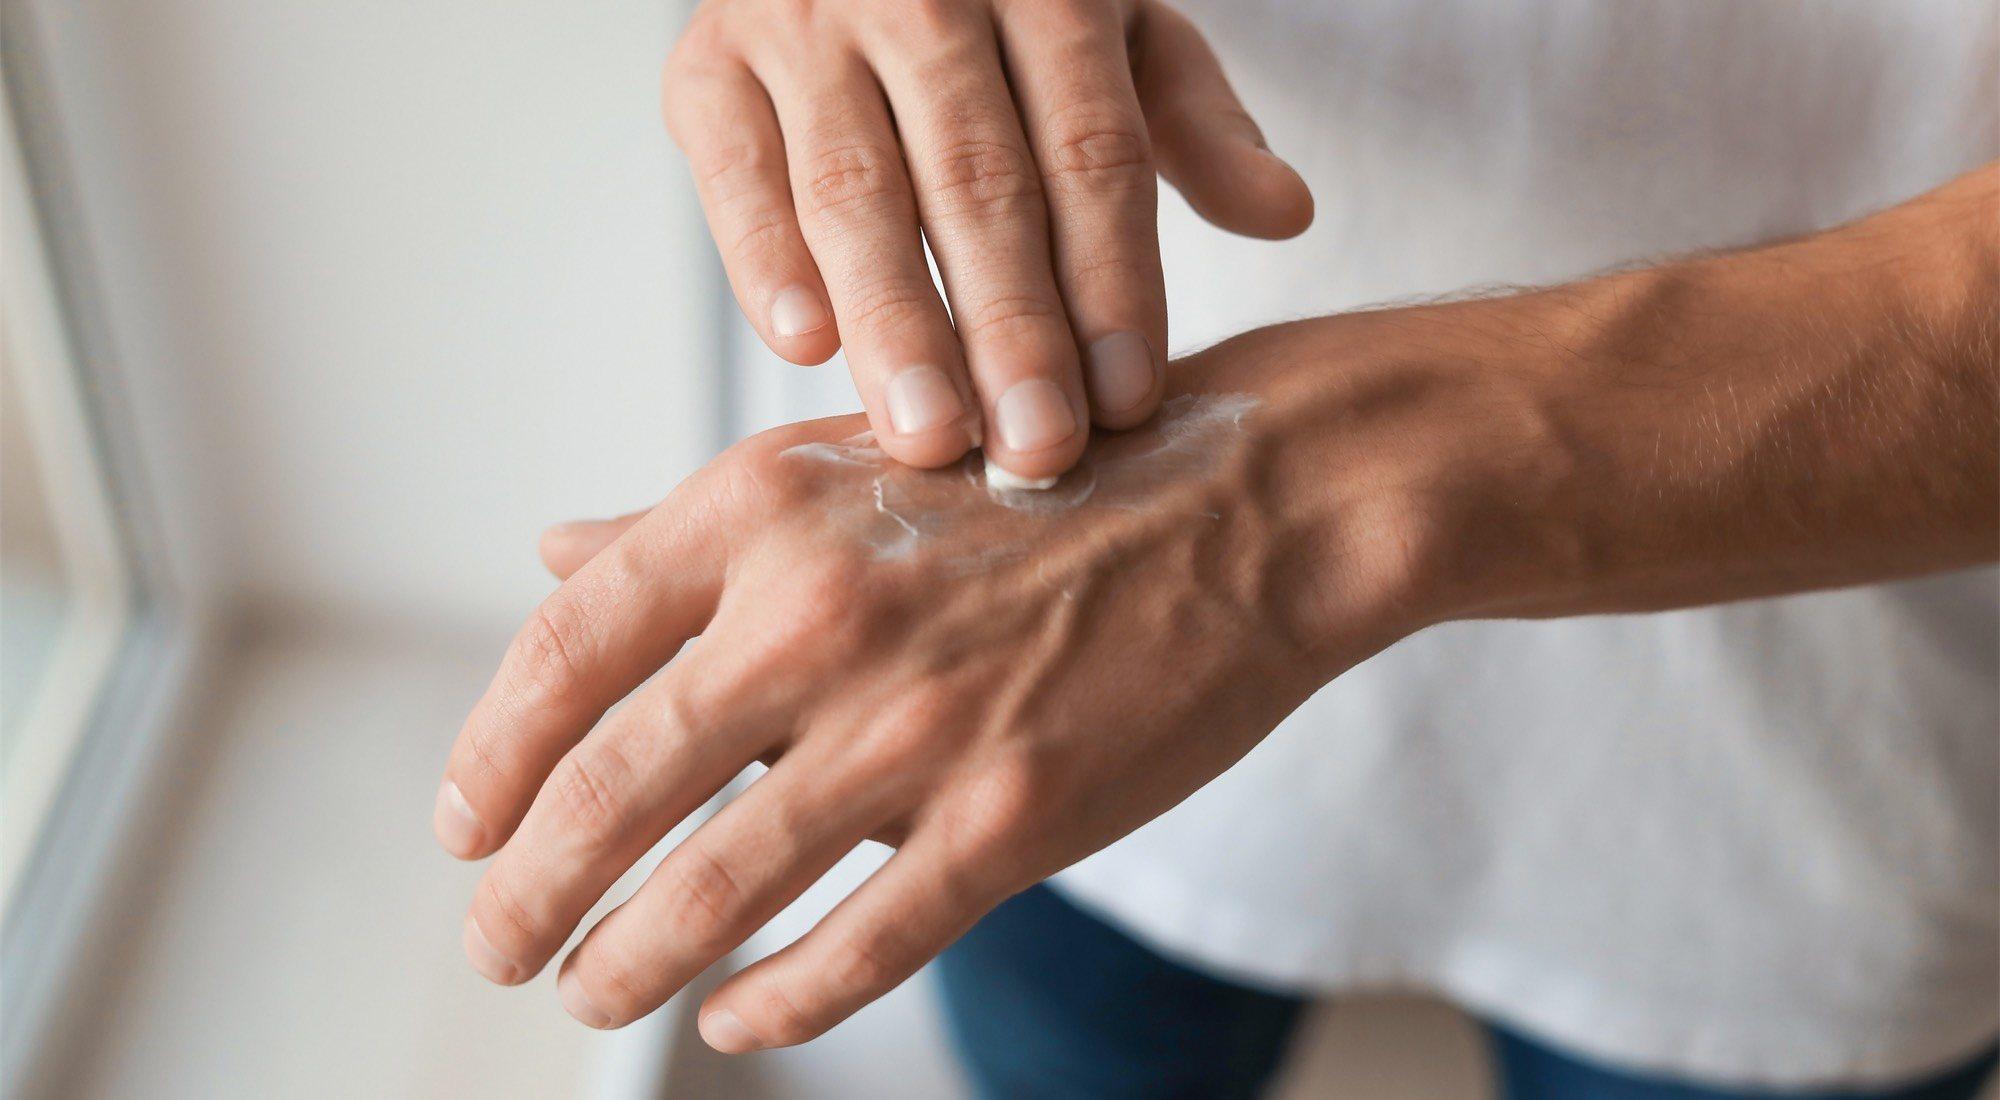 Manos secas, uñas quebradizas, algunos signos que hay que prestarles atención.